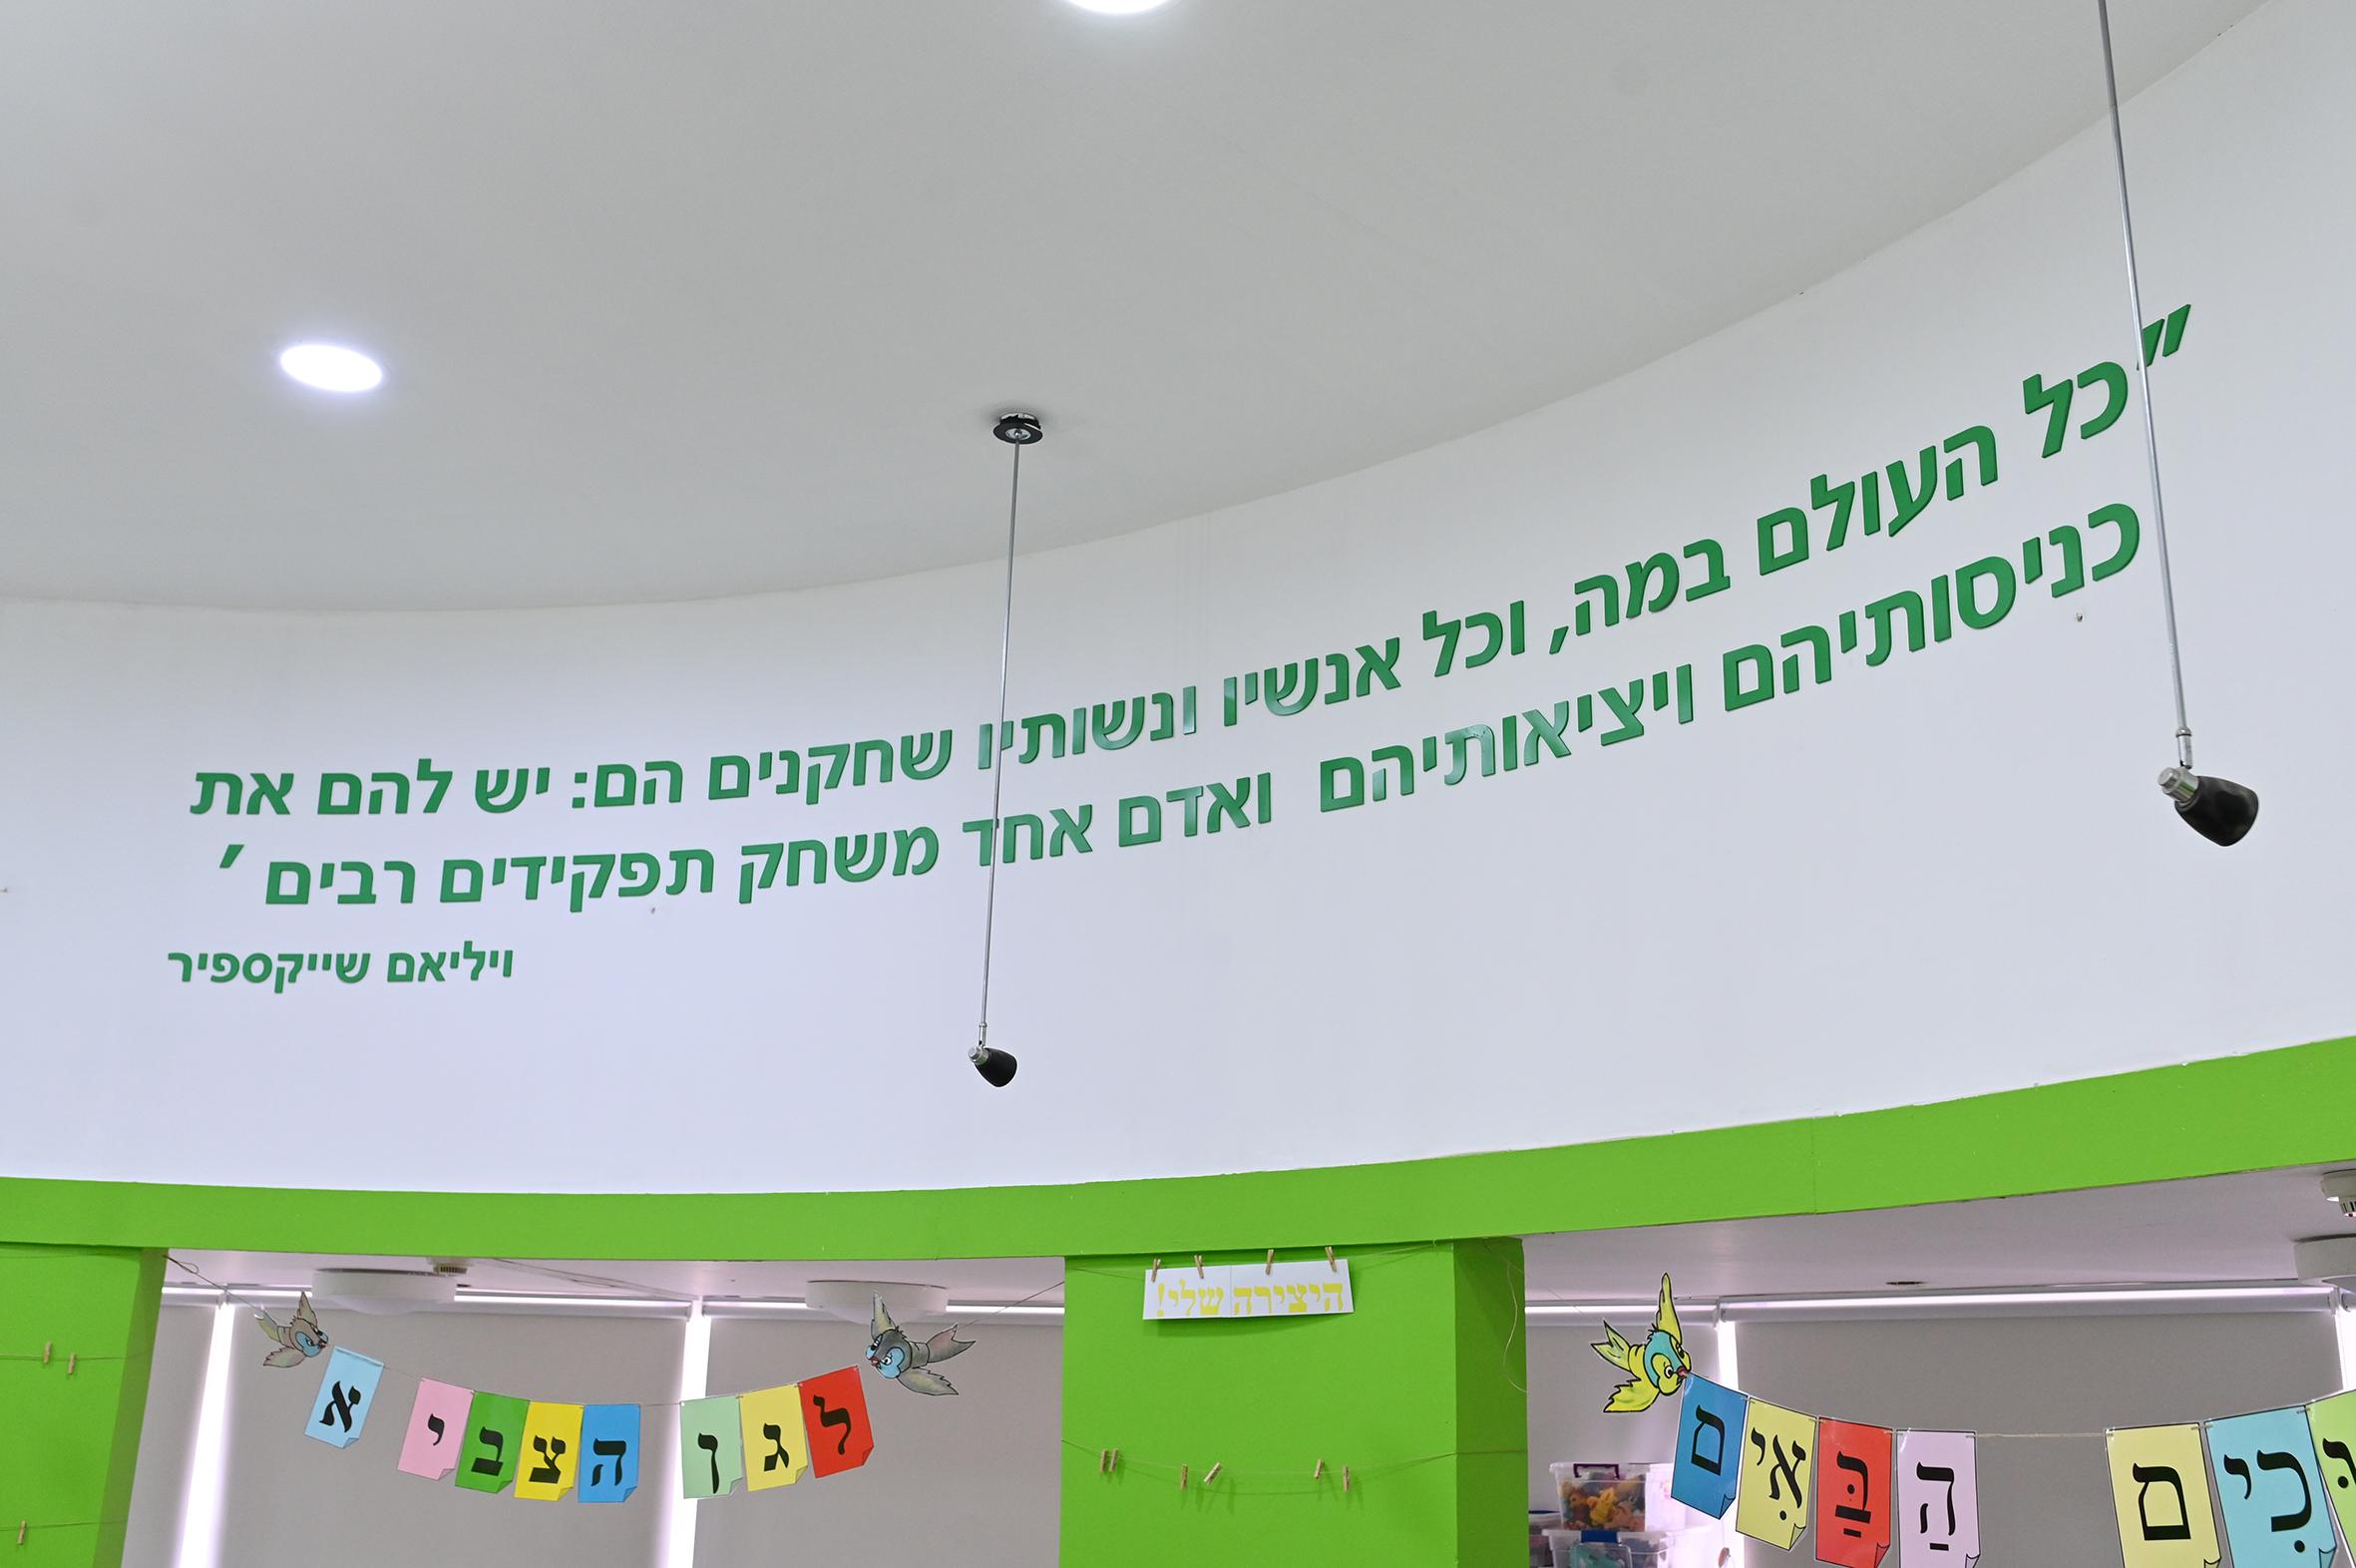 עיצוב קירות - משפטים